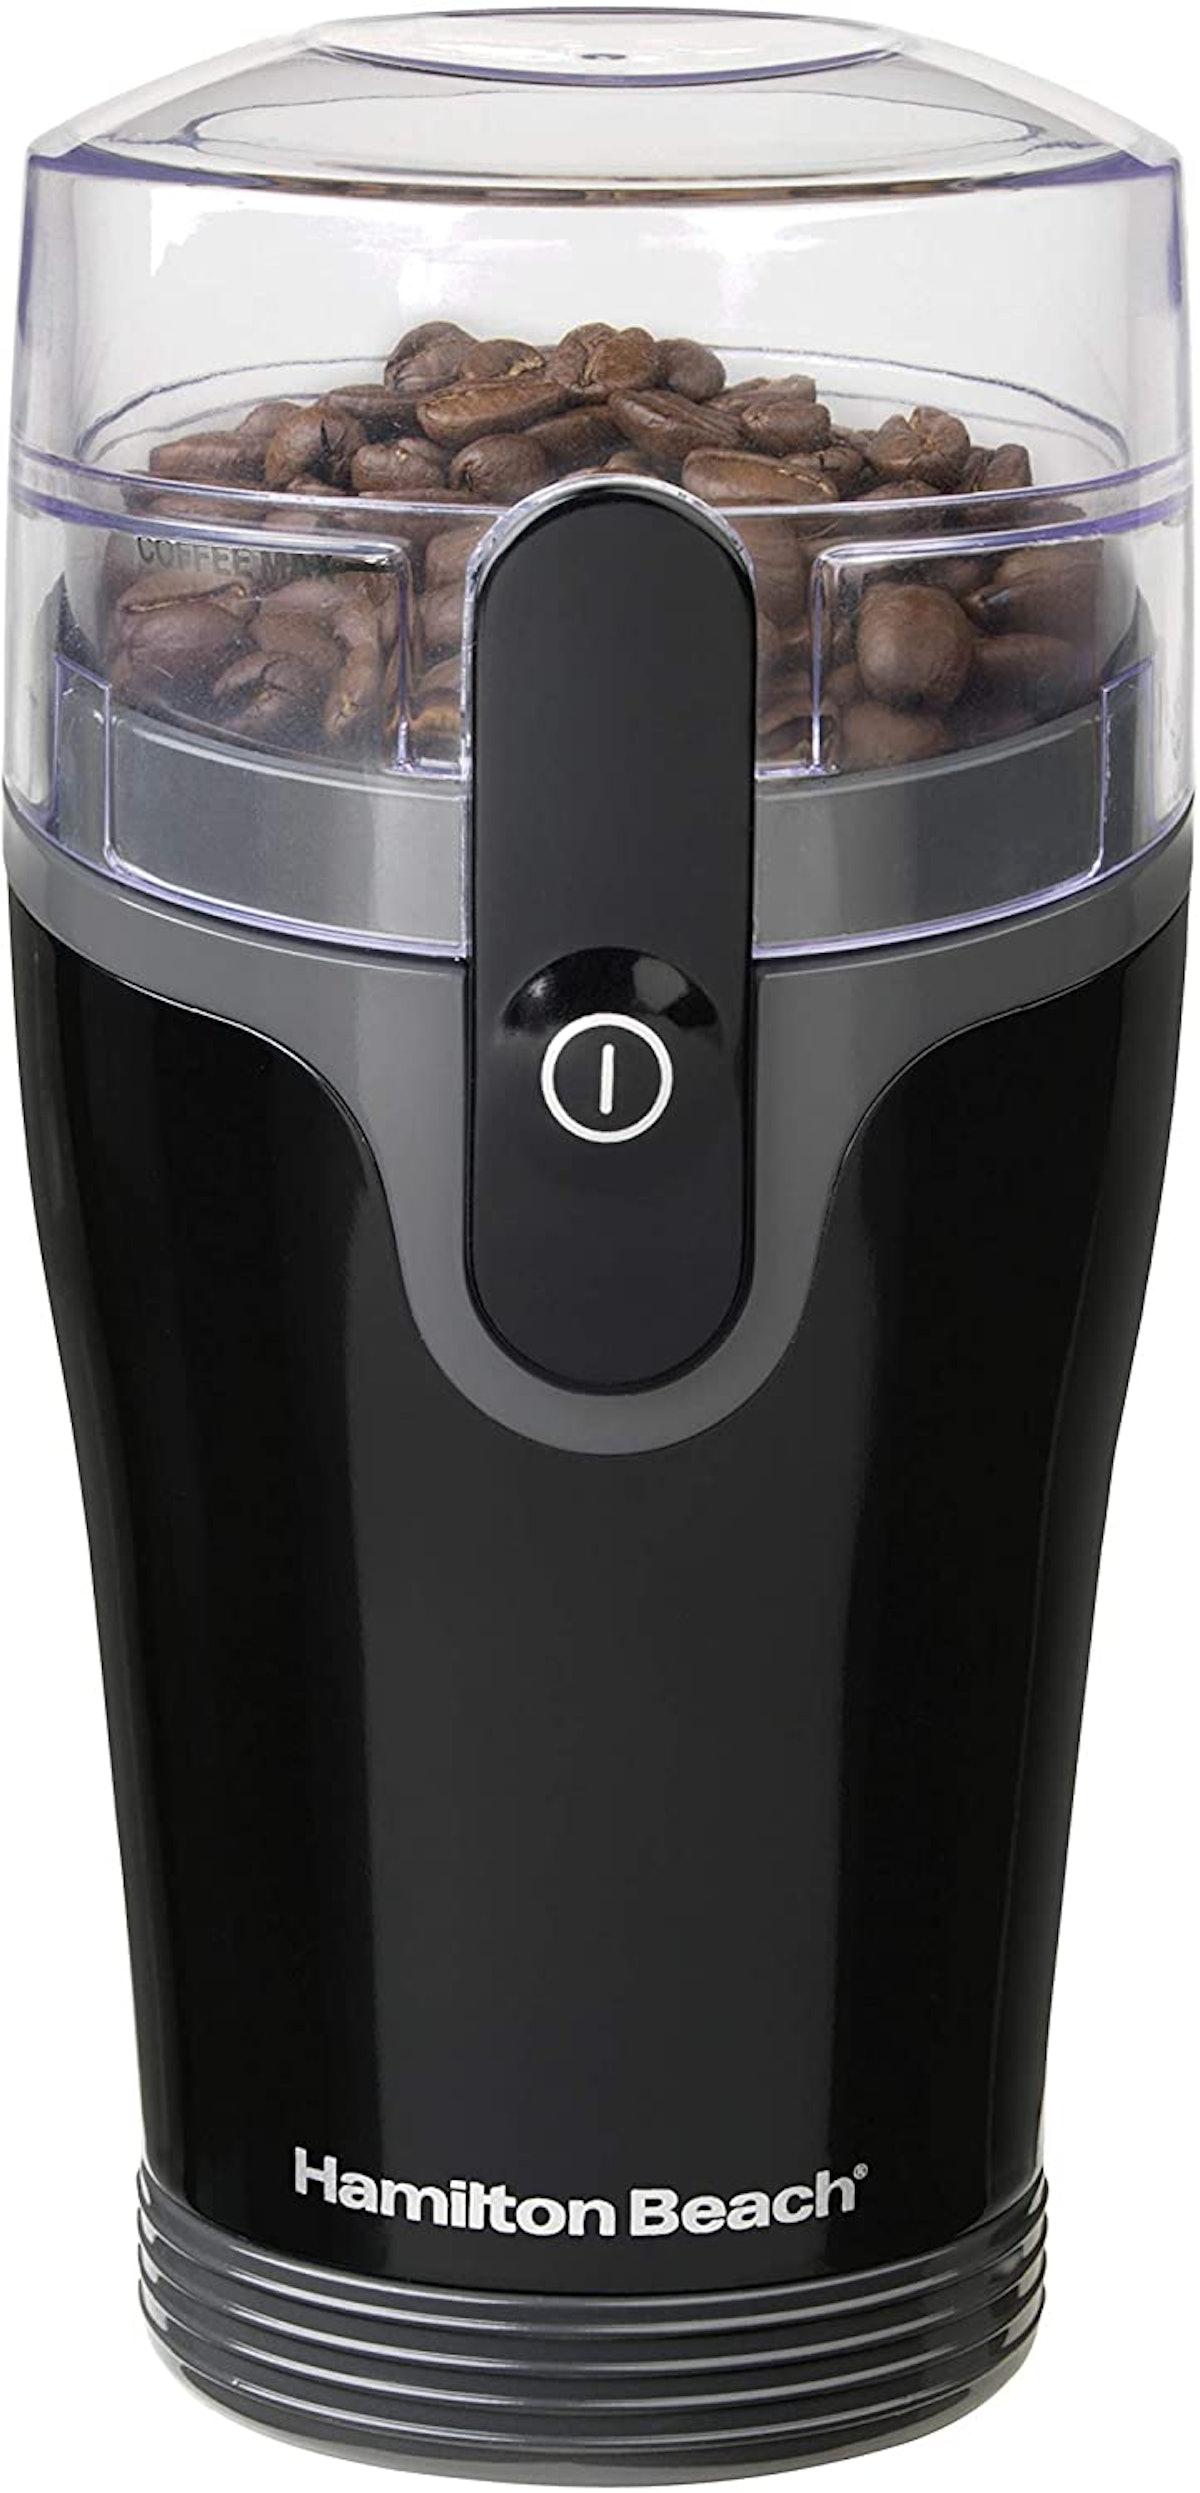 Hamilton Beach Fresh Grind Electric Coffee Grinder (4.5oz)